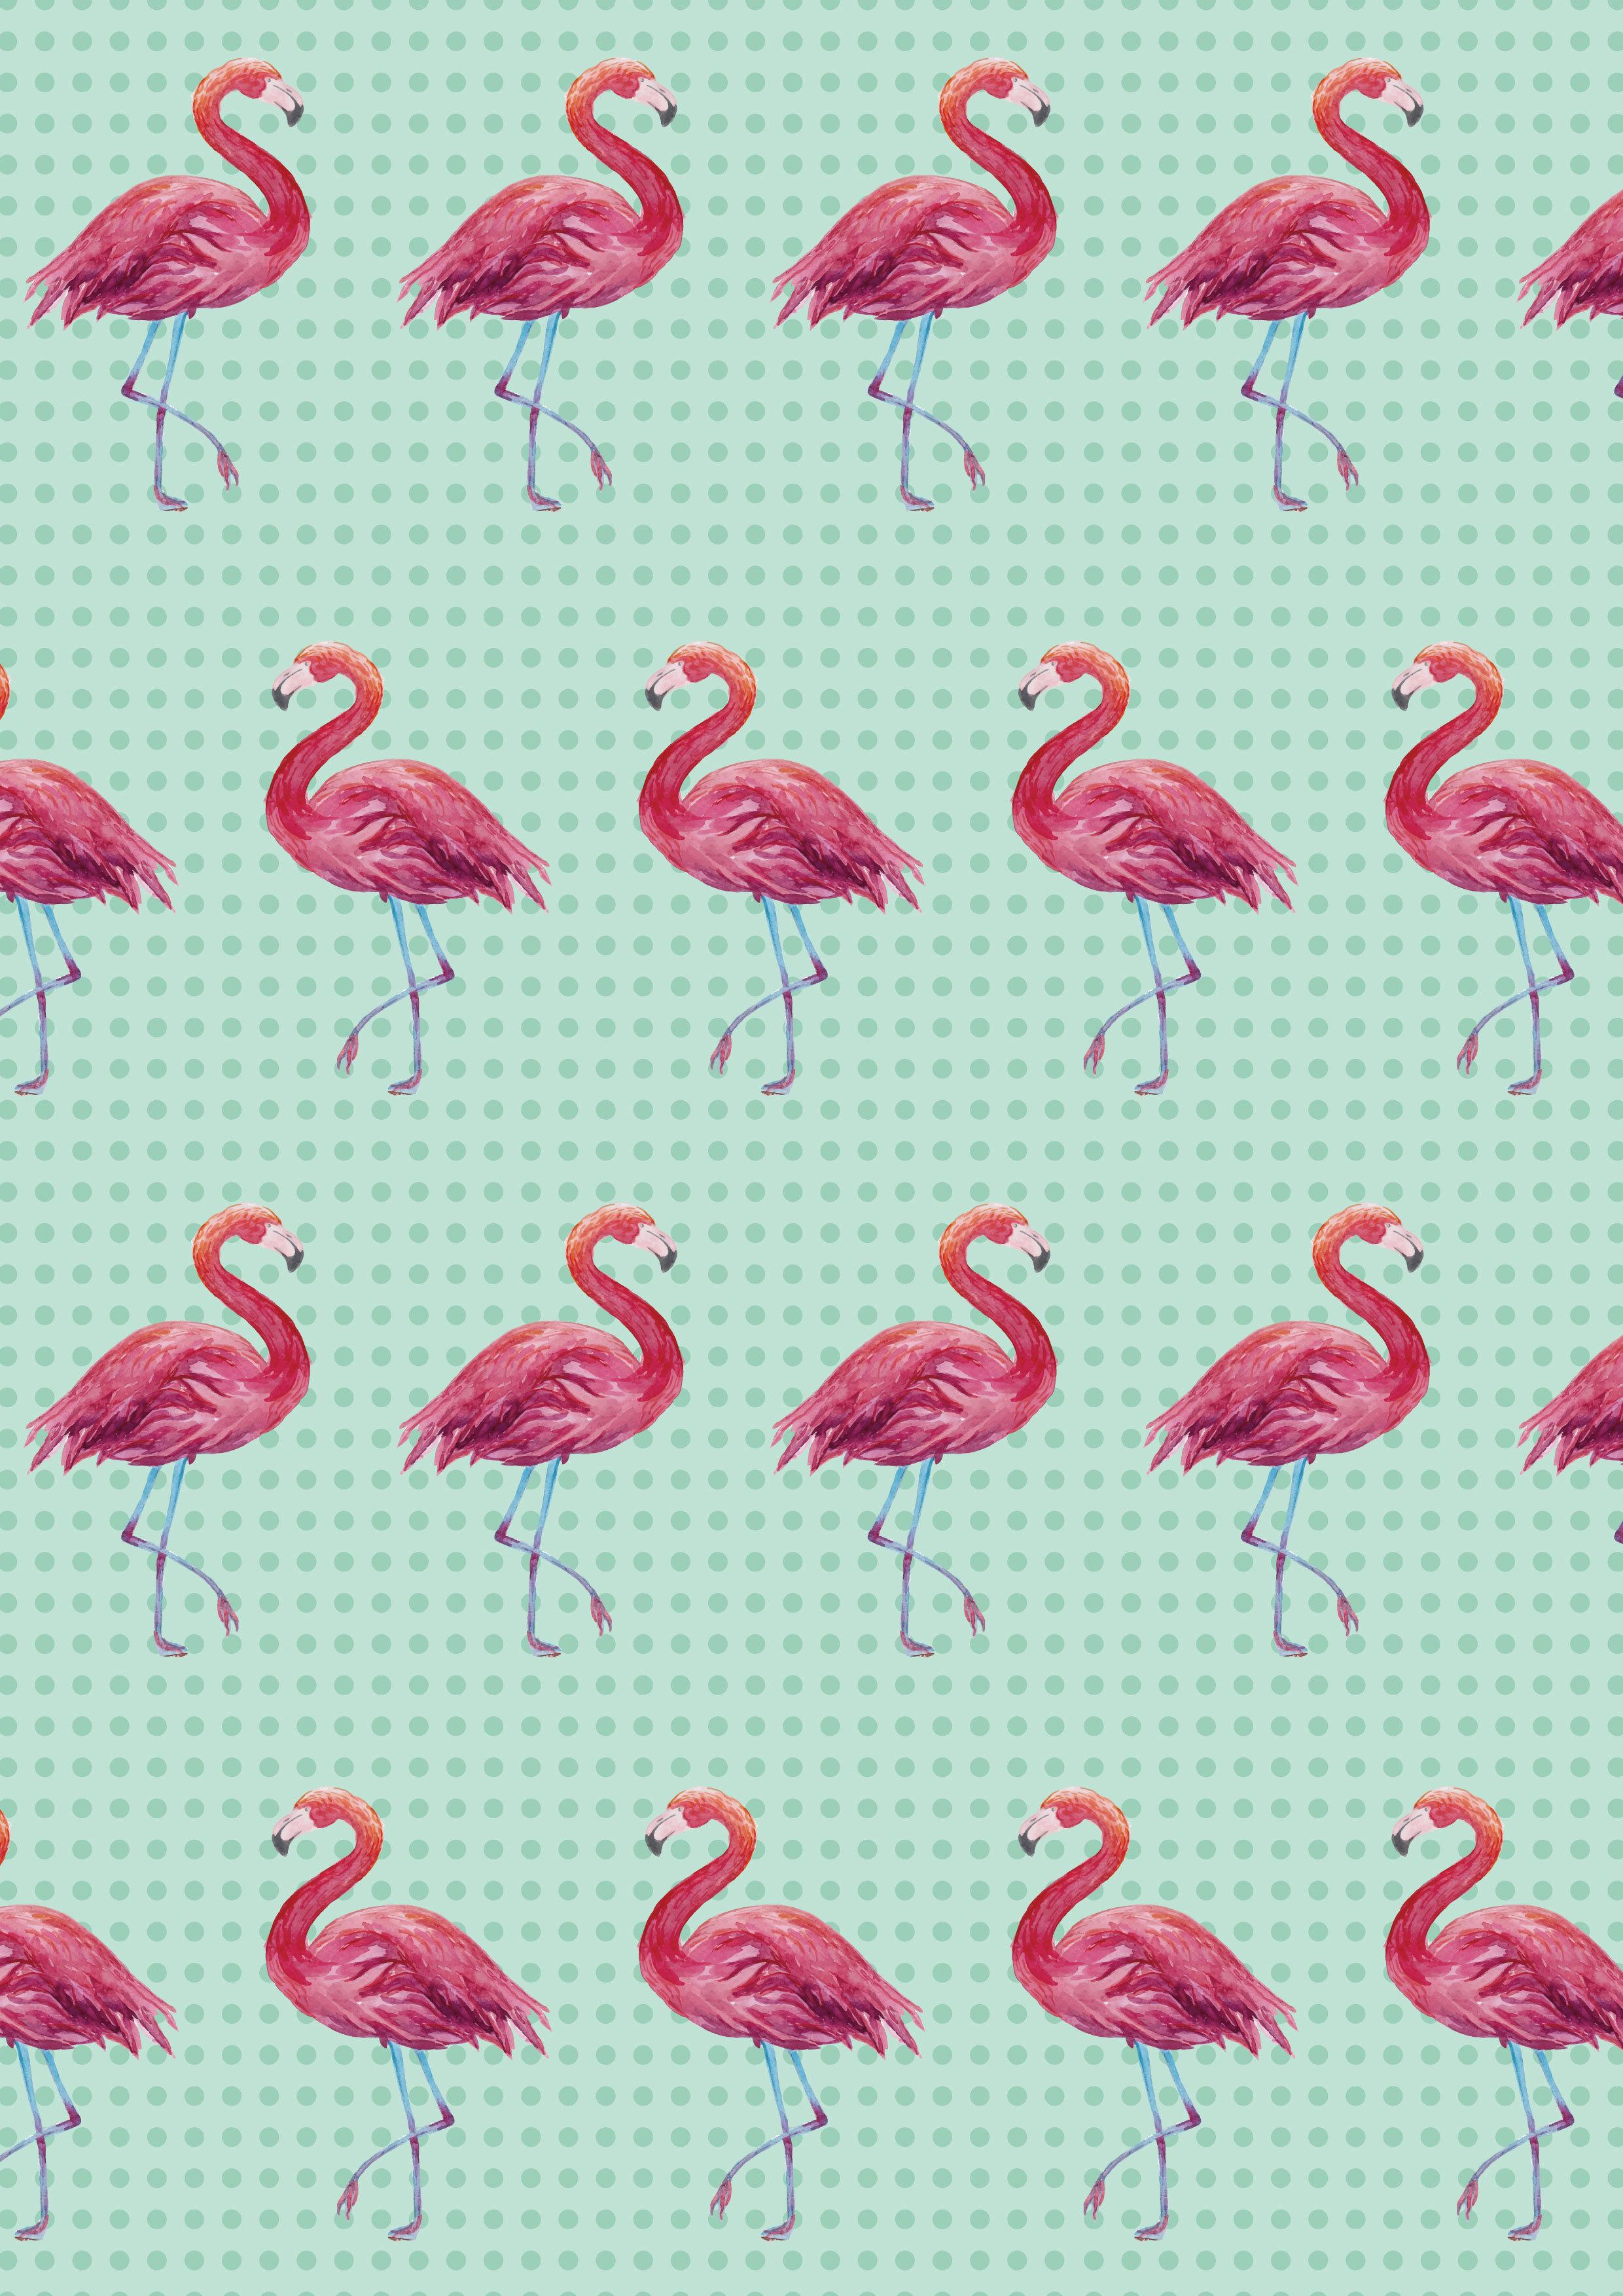 火烈鸟手机壁纸